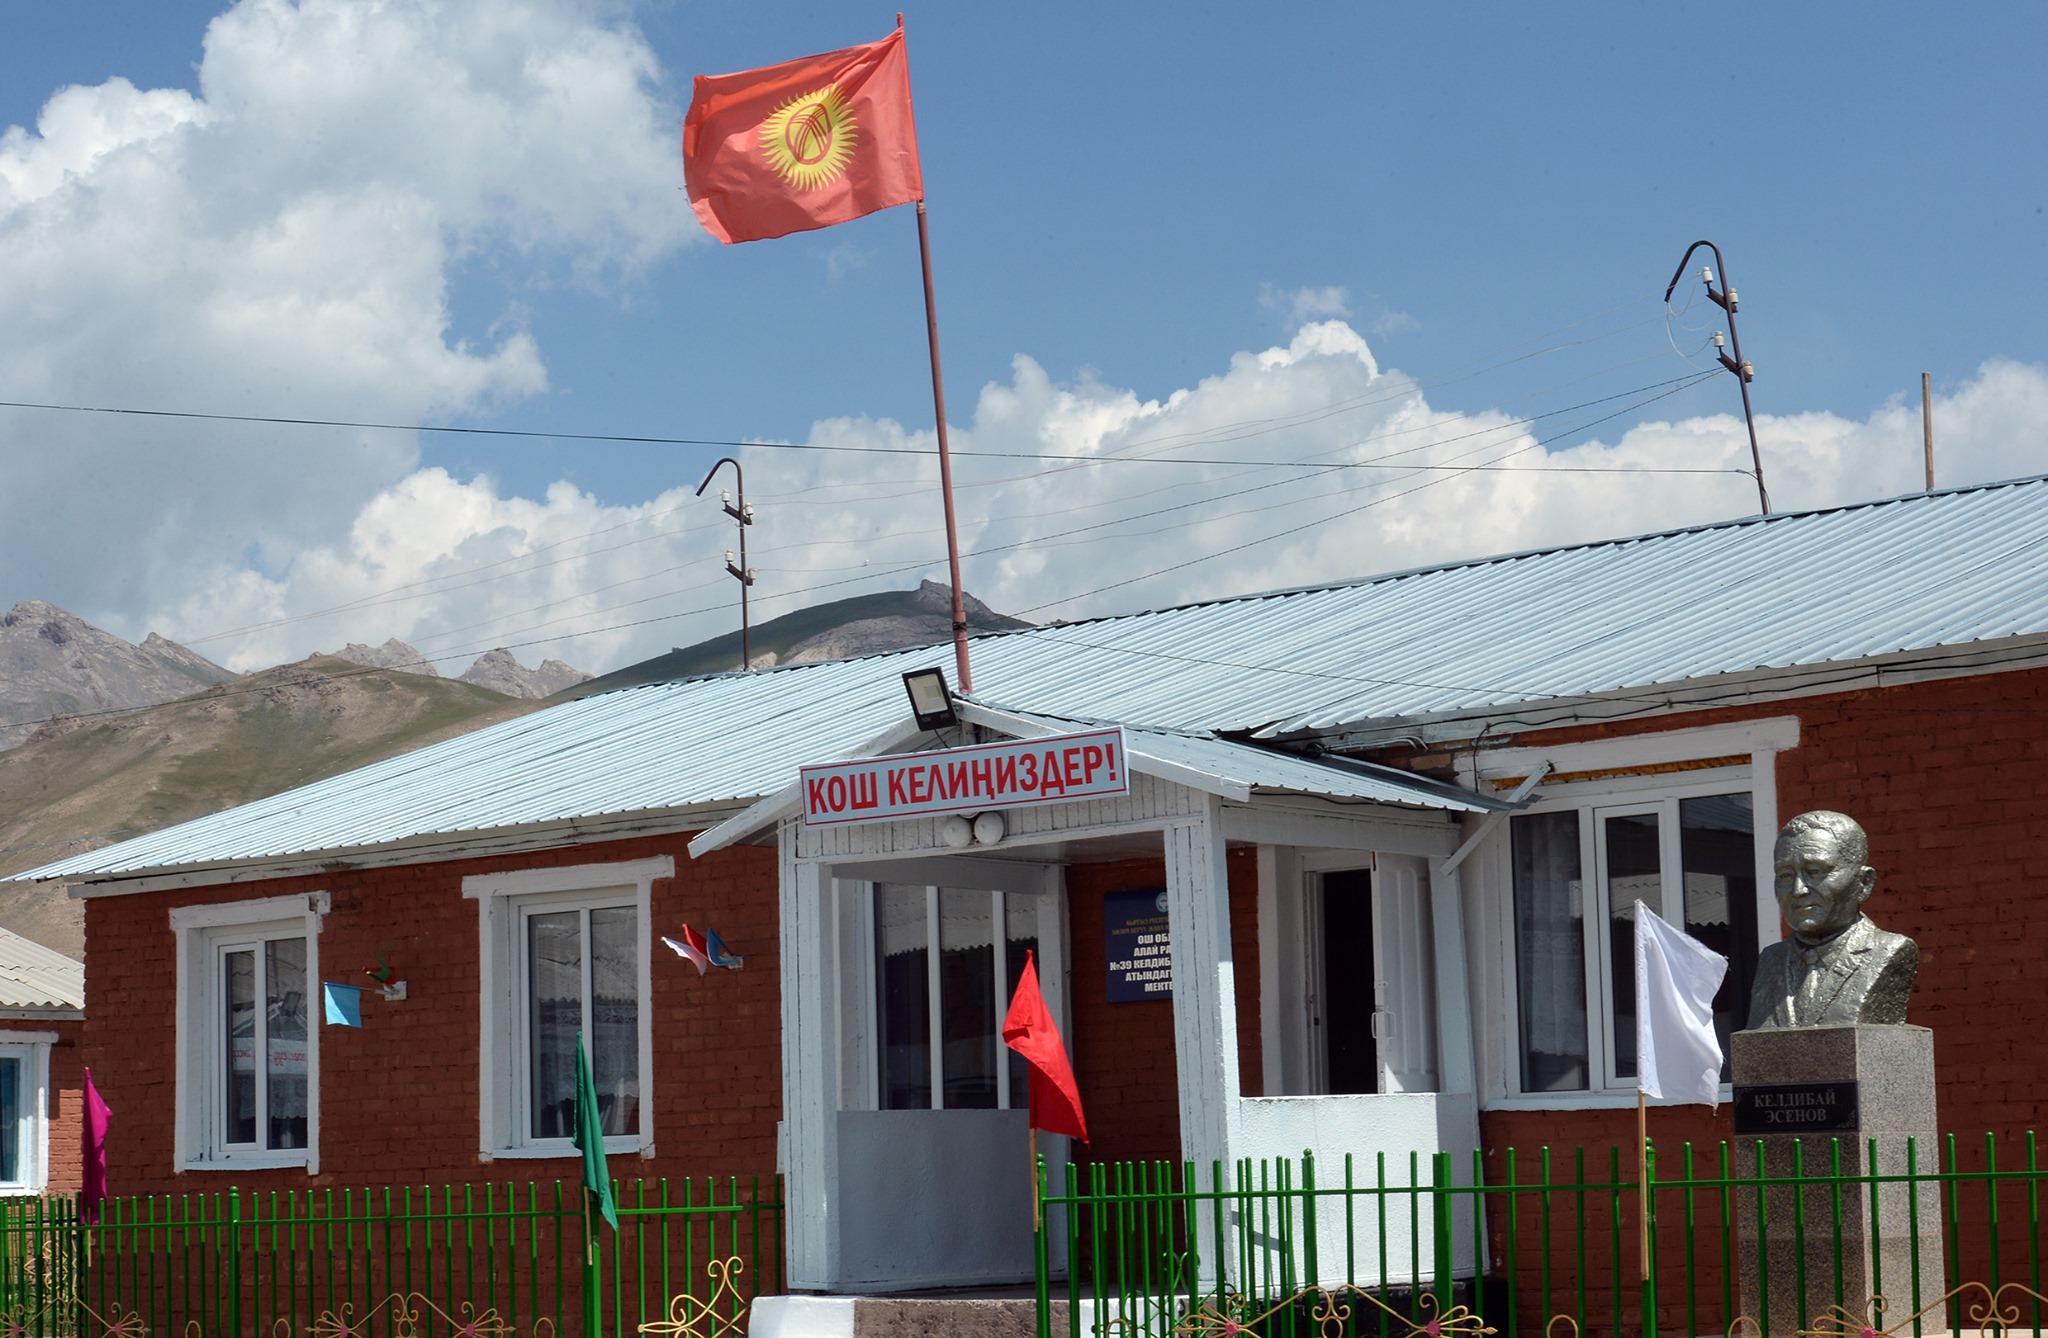 Акыркы4 жылда Кыргызстанда канча мектеп курулган? Өкмөттүн жообу